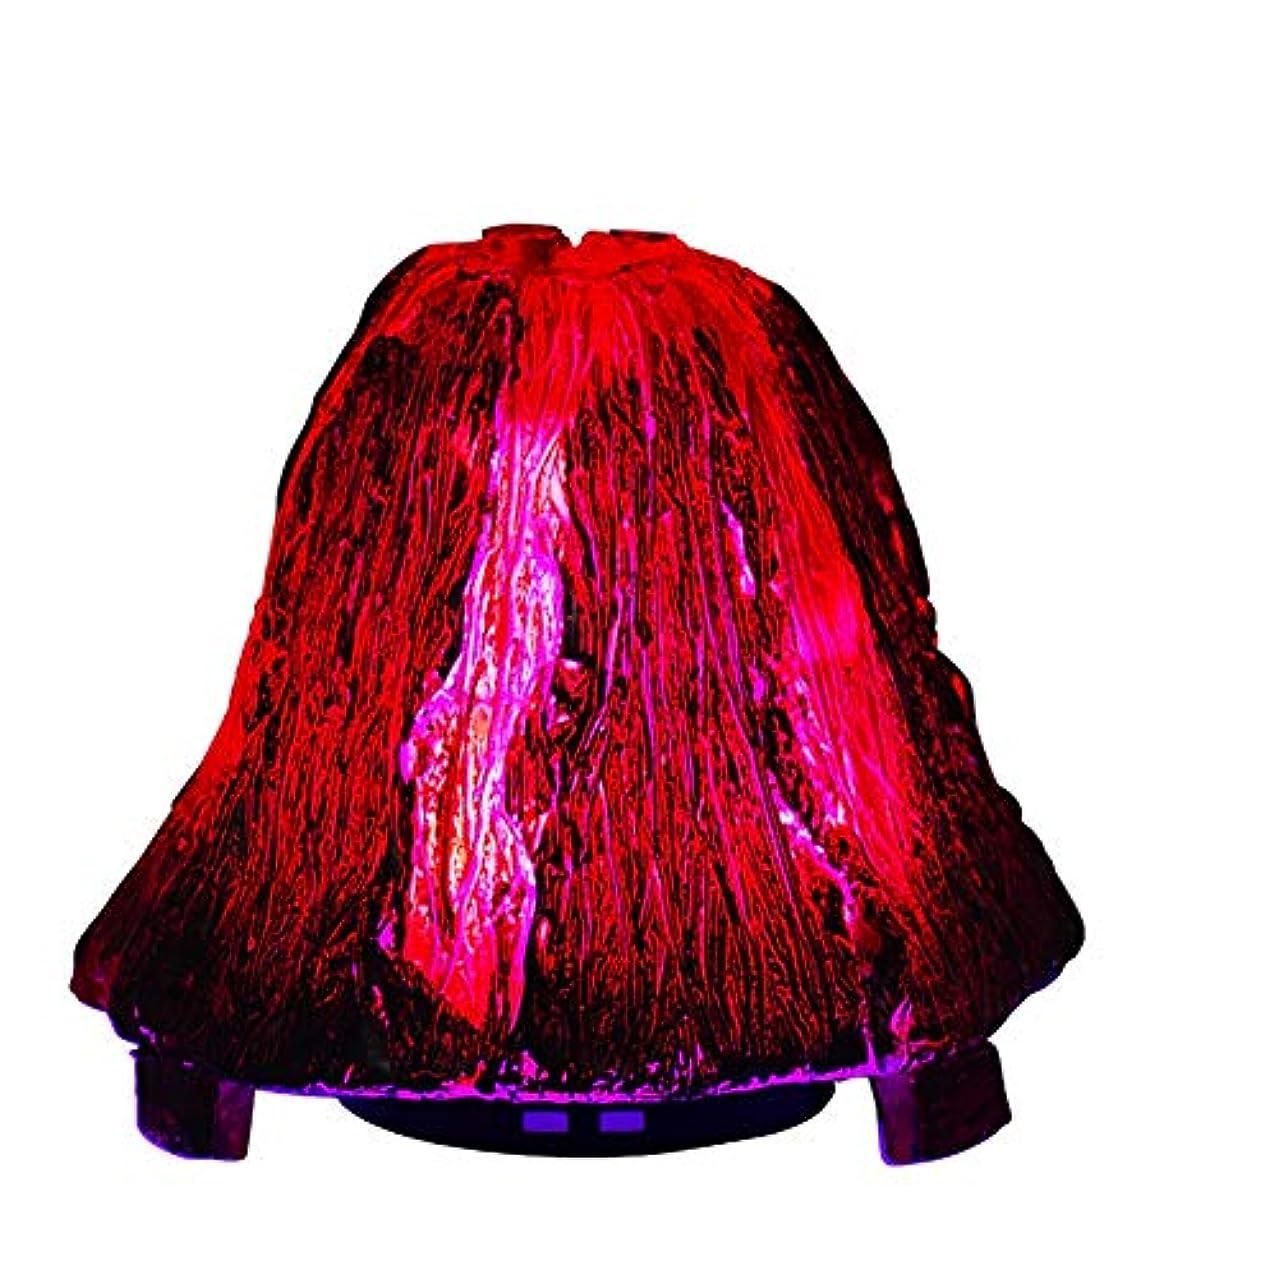 かもしれない露出度の高いモーターオリジナリティ火山のエッセンシャルオイルディフューザー、120mlアロマセラピー超音波クールミスト加湿器、7色LEDライト付きウォーターレスオートオフ